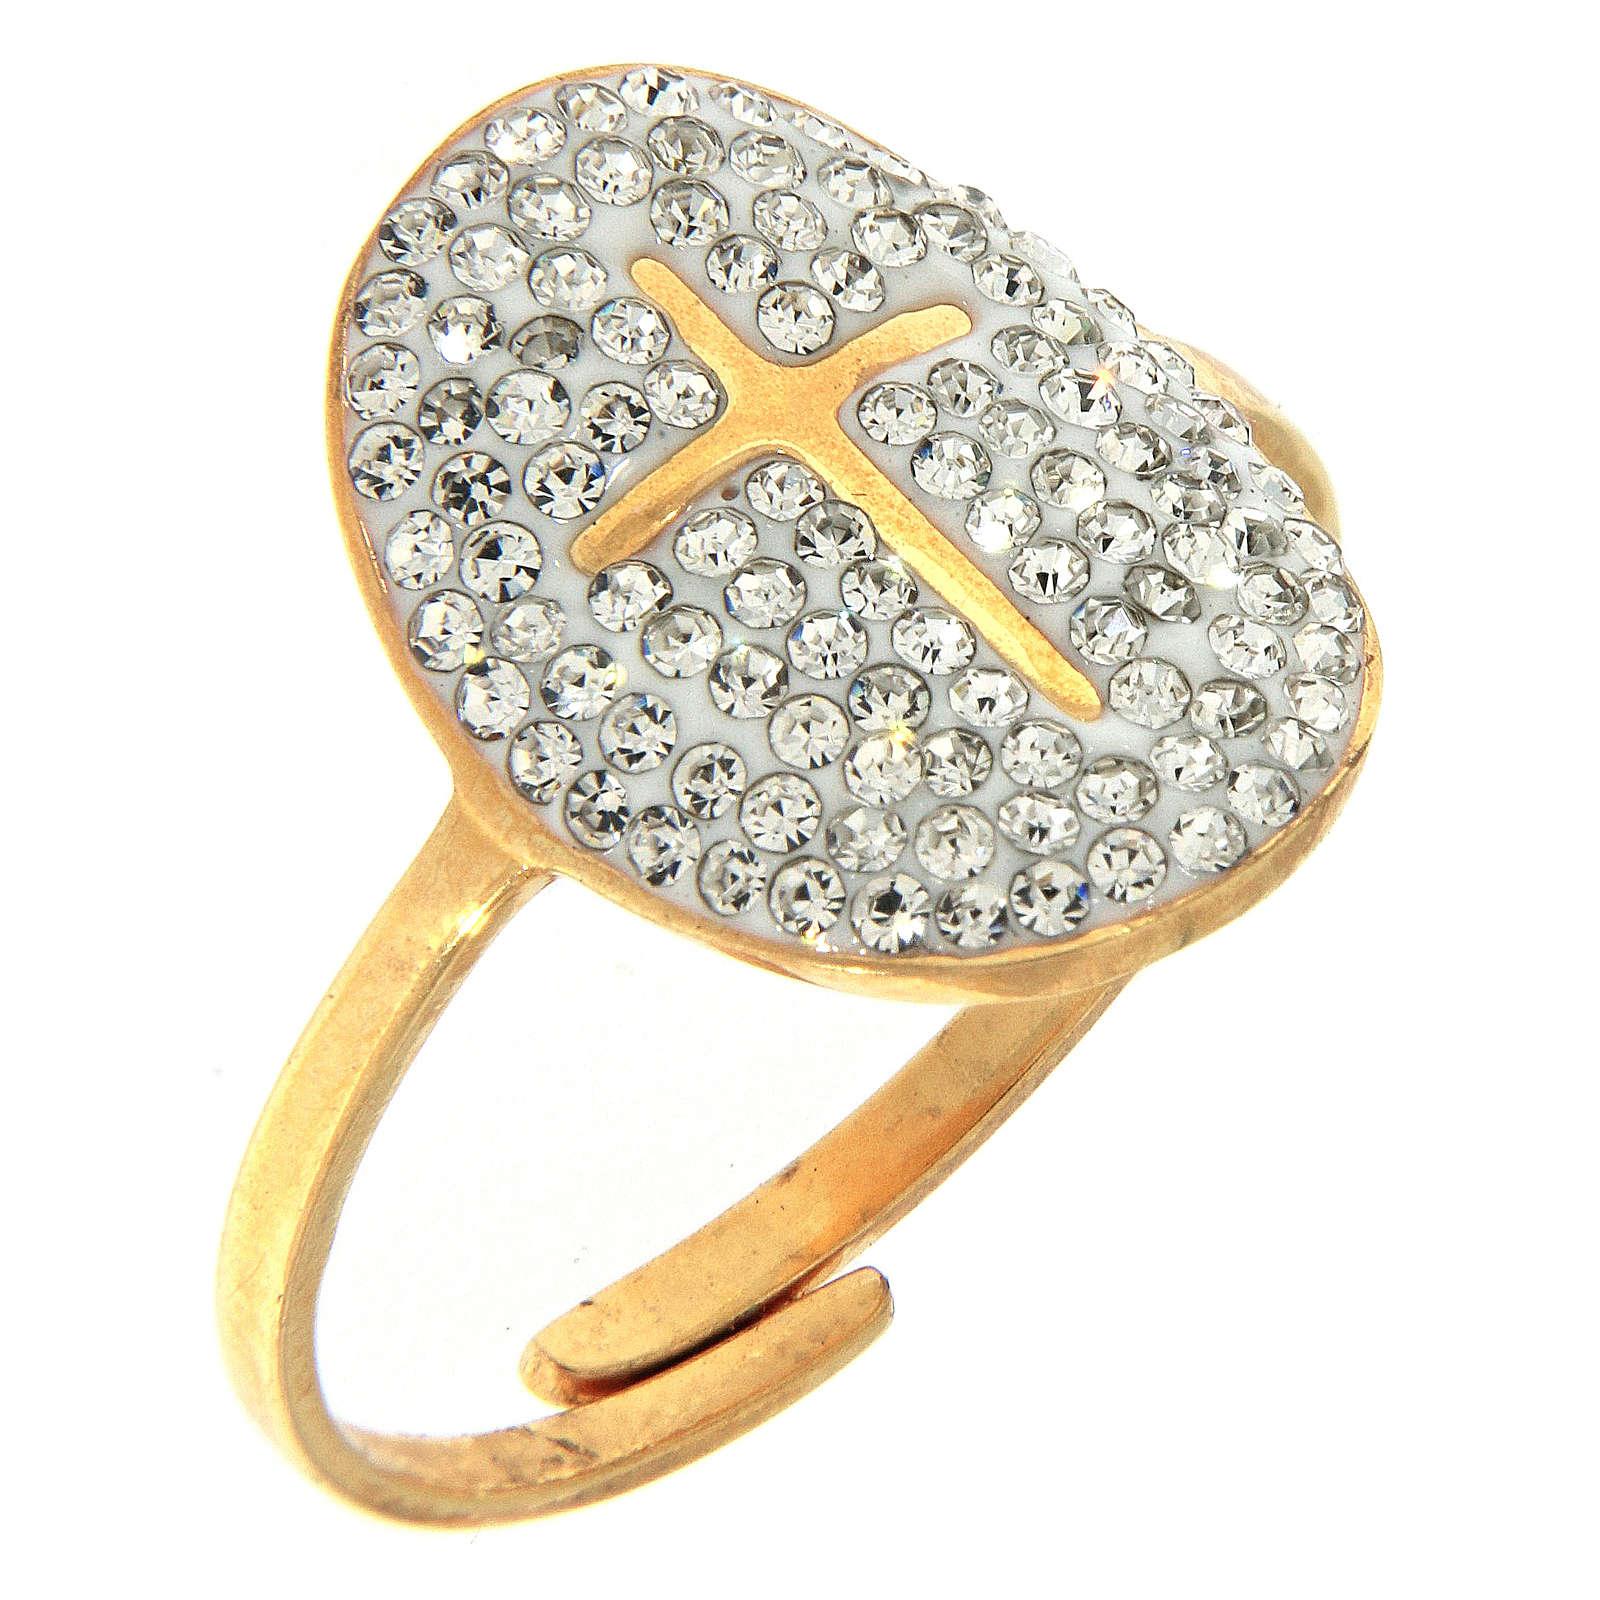 Anello Medjugorje acciaio dorato croce dorata brillantini trasparenti 4